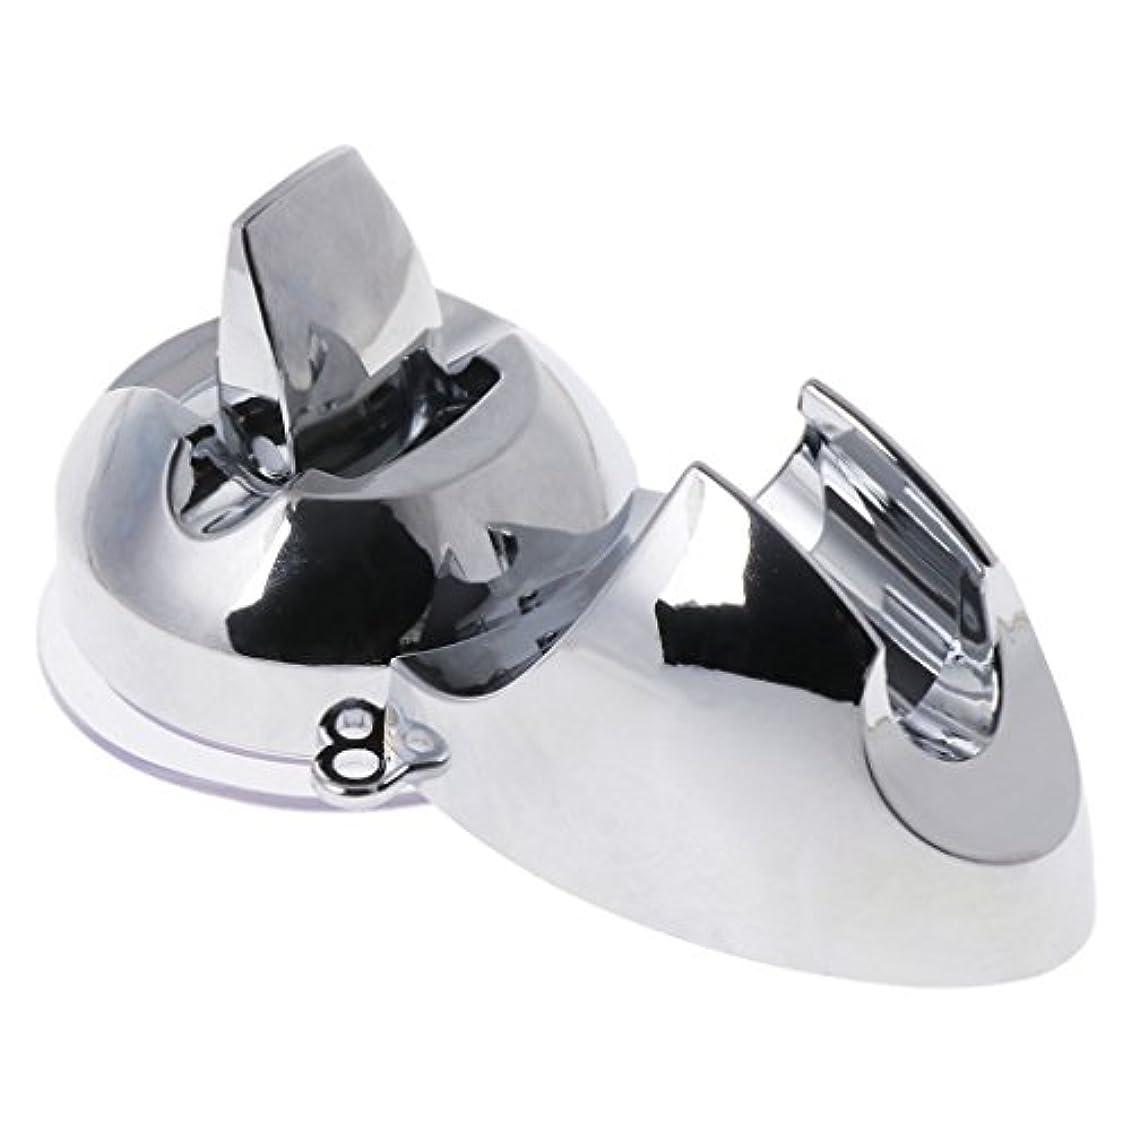 検体ラケットショートカットLamdooヘッドホルダー調整ドリルマウントなしの取り付け可能なシャワーハンドサクションカップ